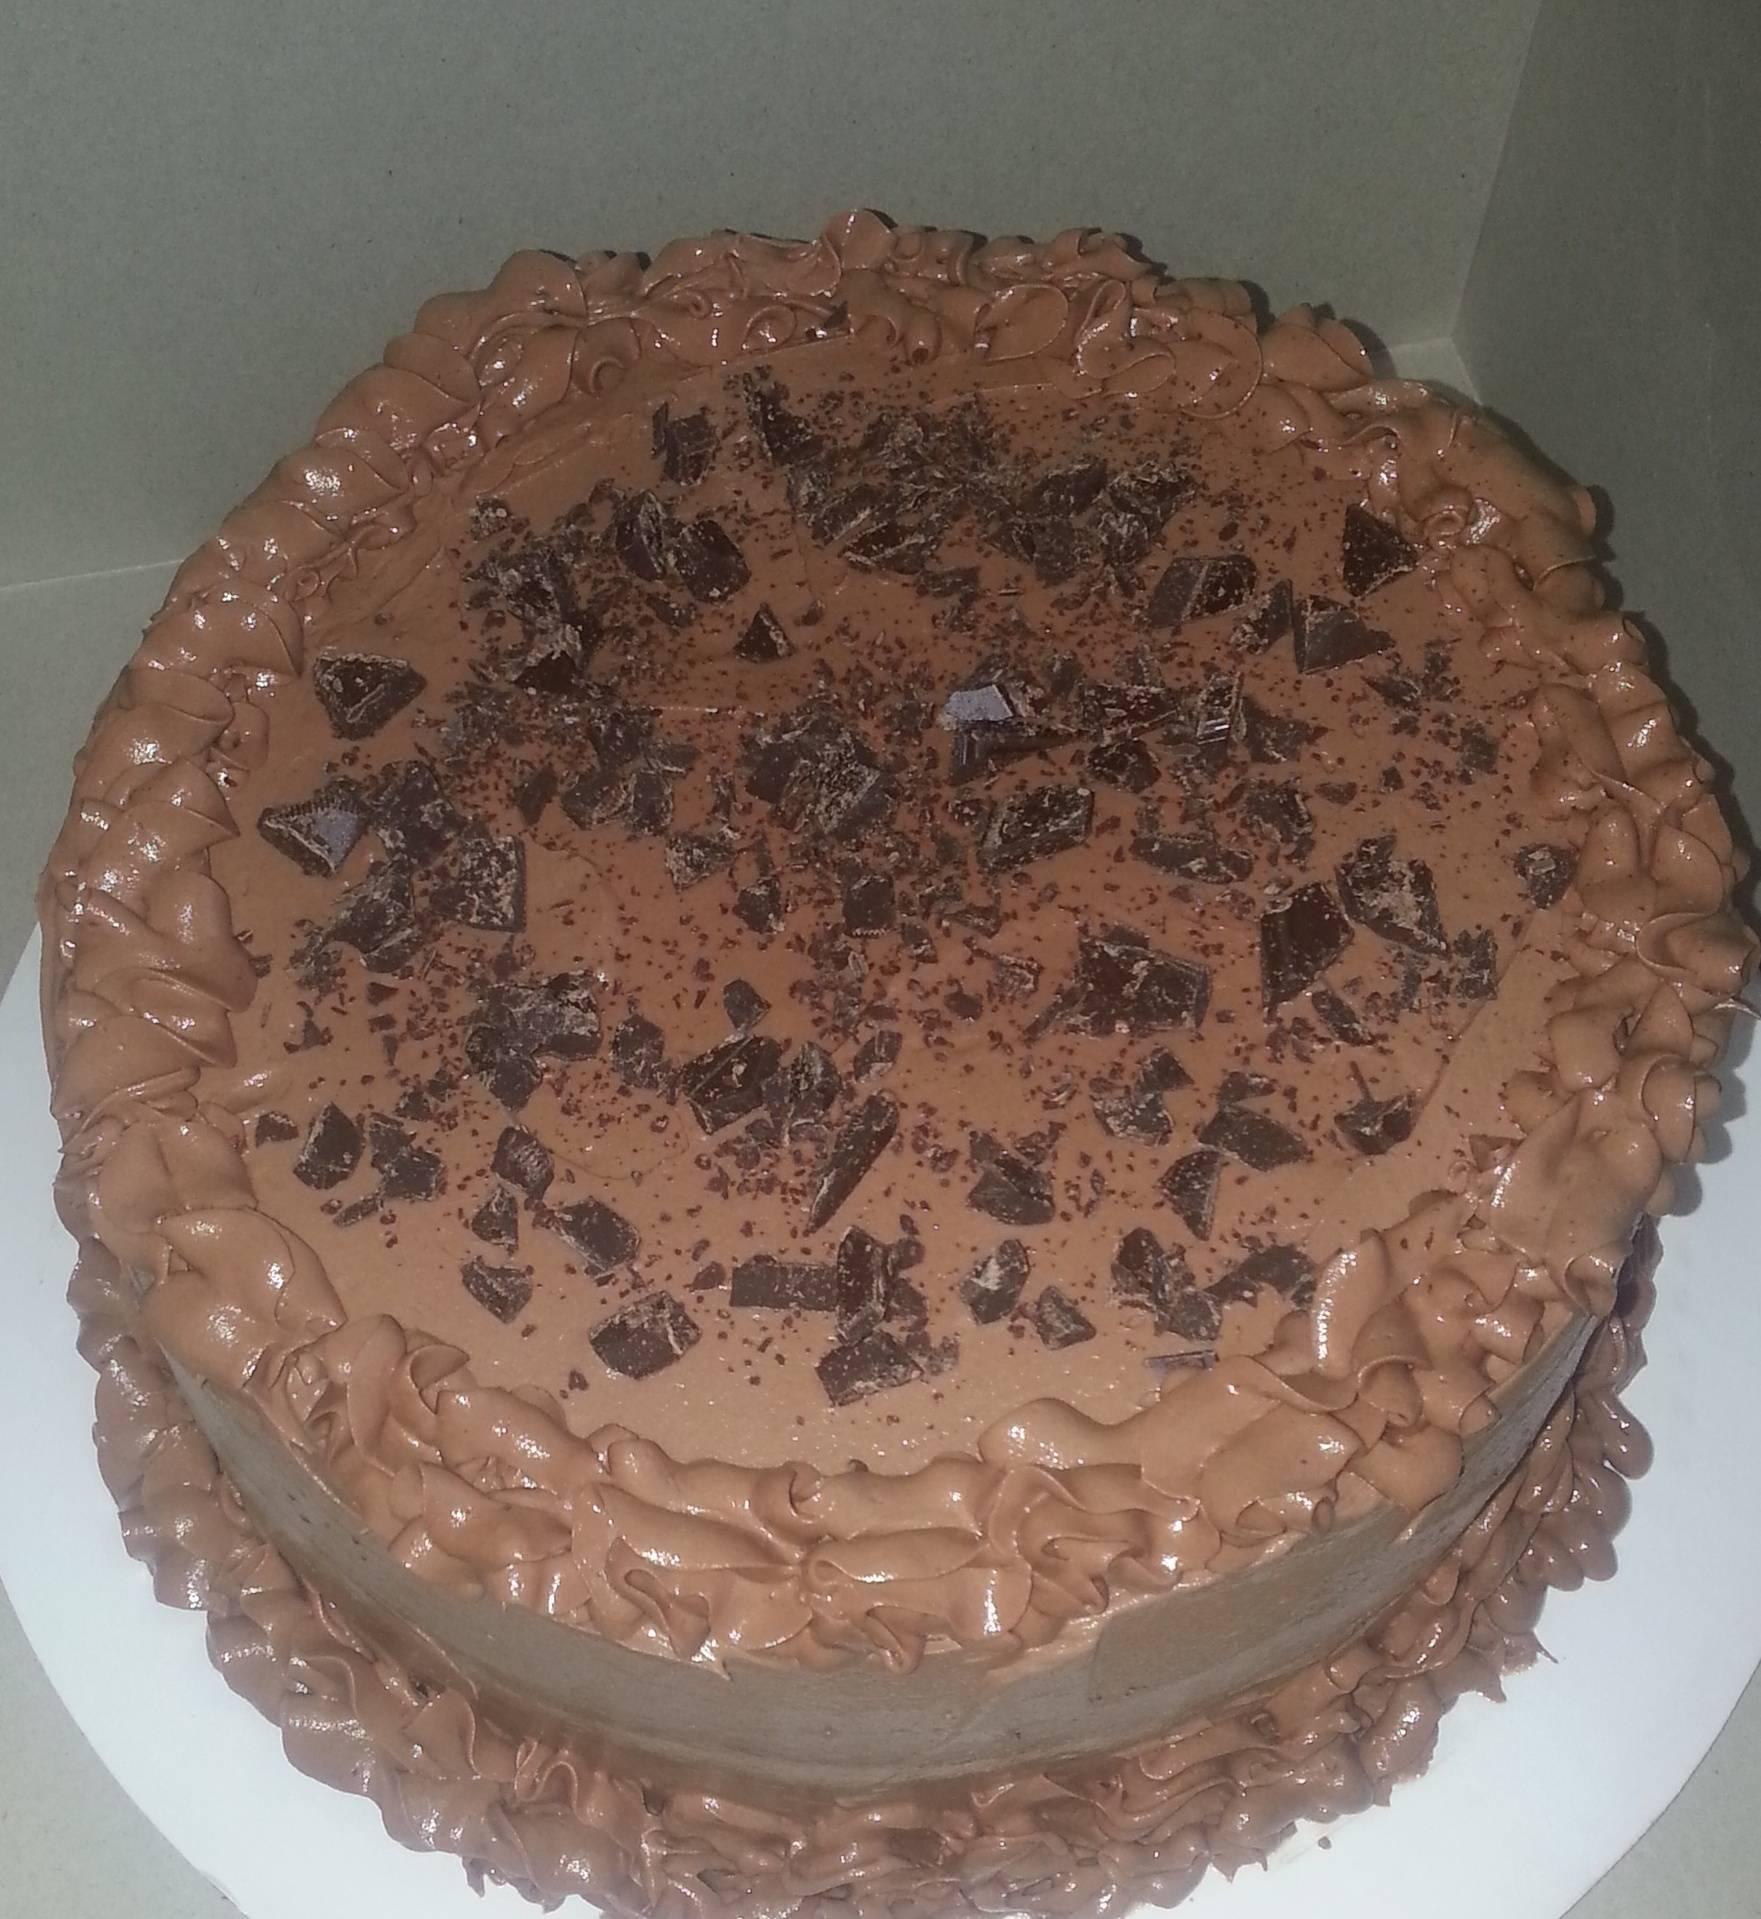 Chocolate with Chocolate Chunks